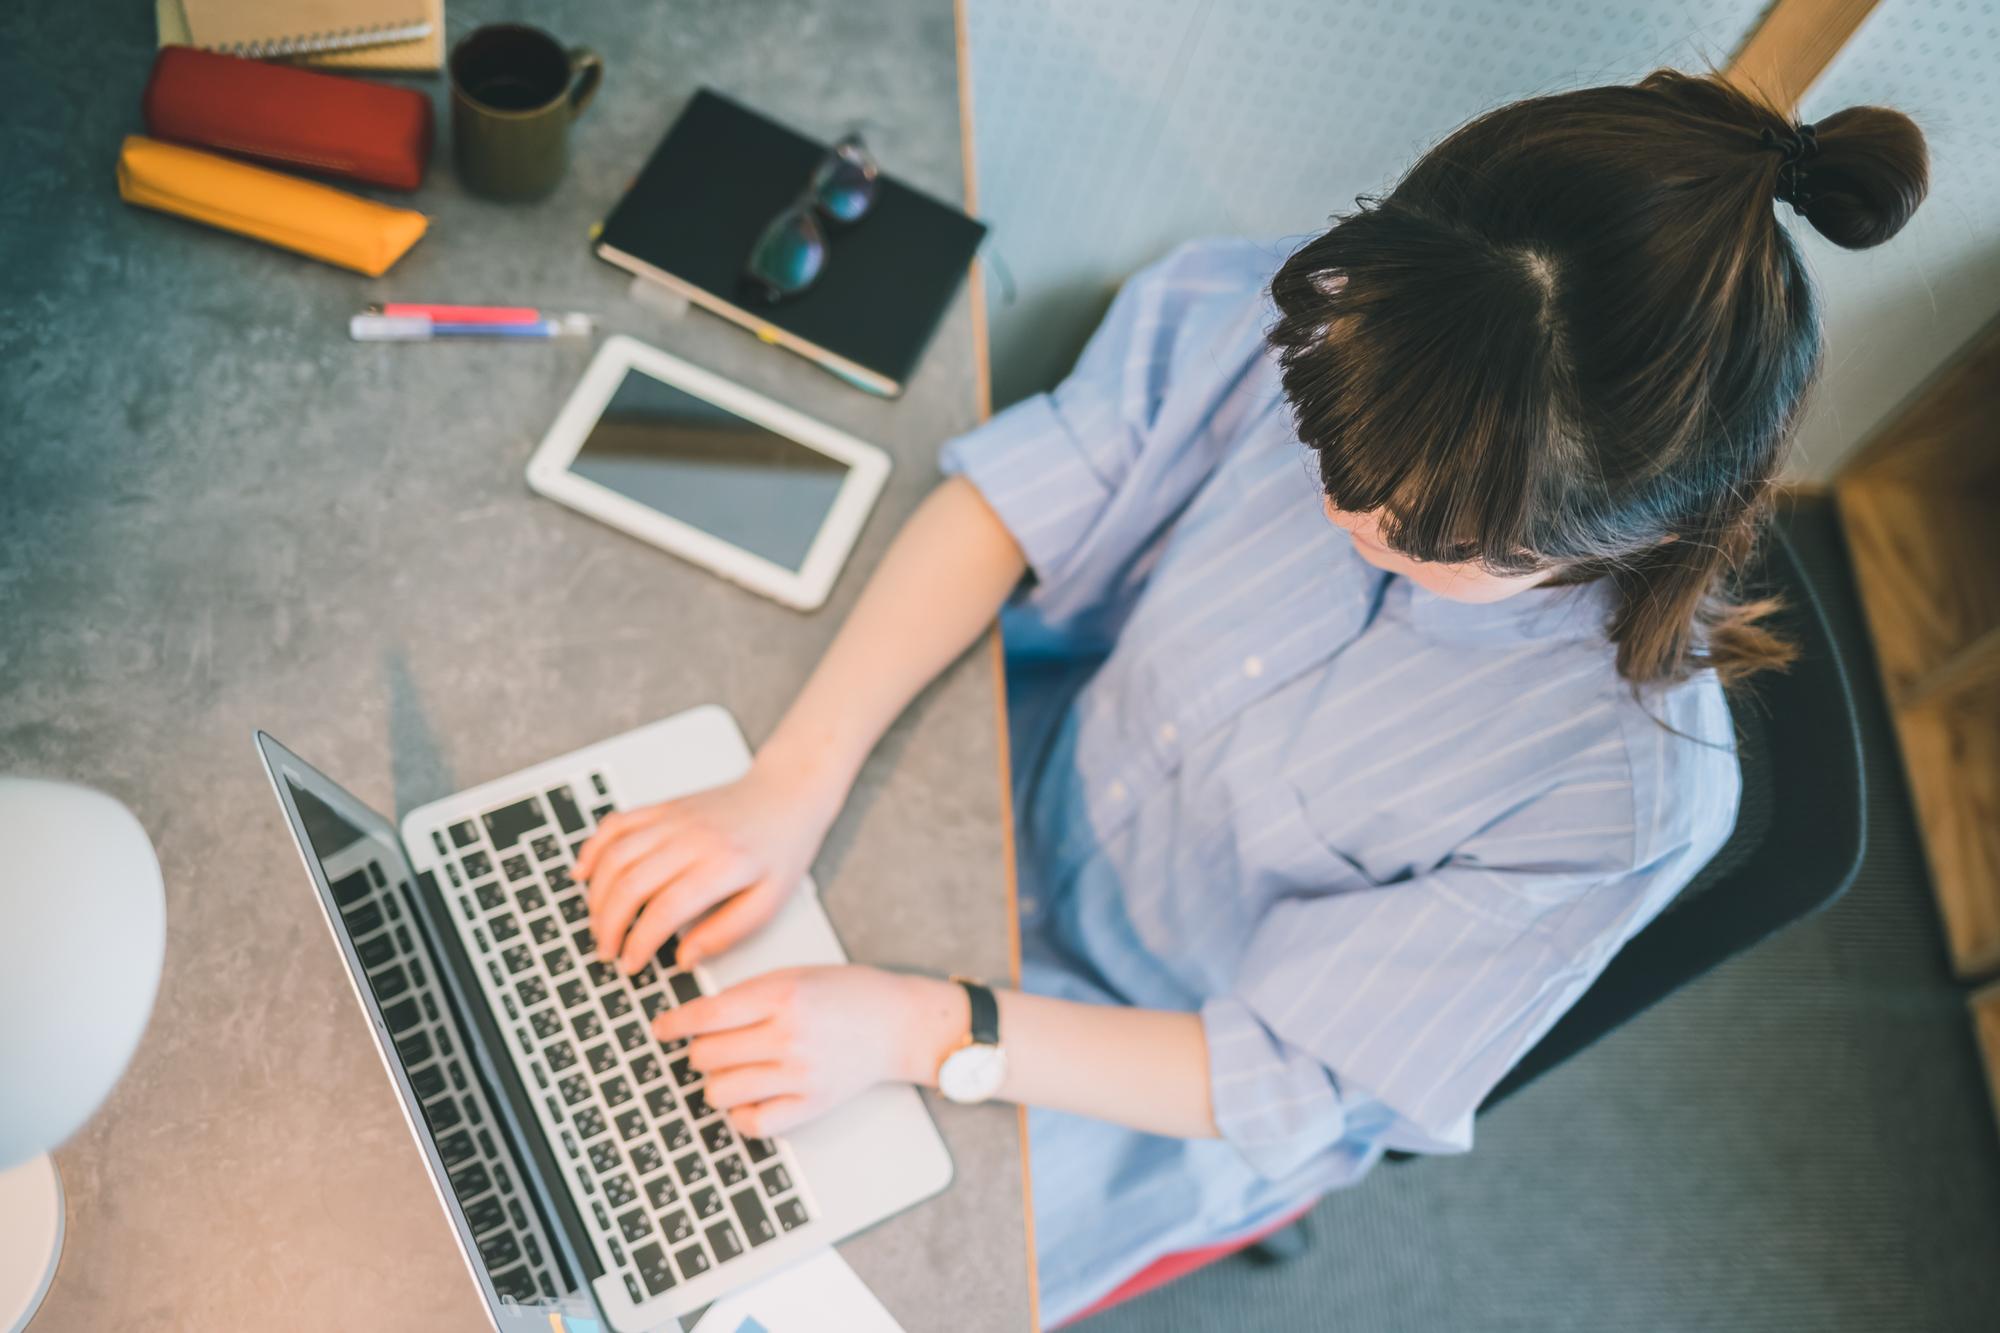 リモートワークをもっと快適に!仕事環境を整える4つのこと|TIME SHARING|タイムシェアリング|スペースマネジメント|あどばる|adval|SHARING